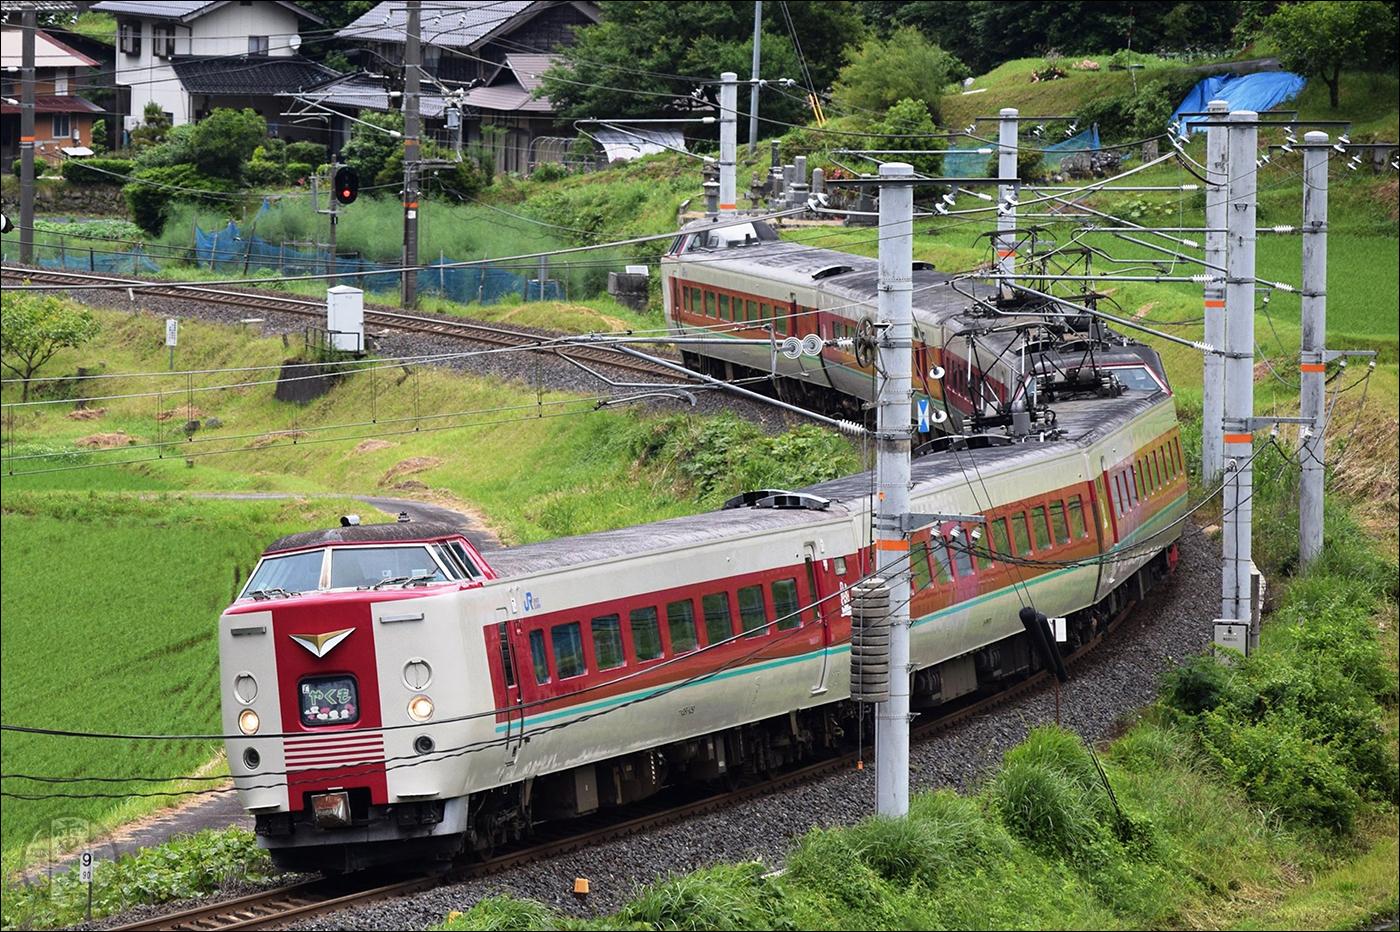 JR West 381-es sorozatú motorvonat a Hakubi vonalon. A 381-es sorozat gyakorlatilag az utolsó olyan JNR jármű, mely menetrend szerint is közlekedik, így Japánban töltött éveim alatt én is igyekeztem minél több képet felhalmozni e széria tagjairól.